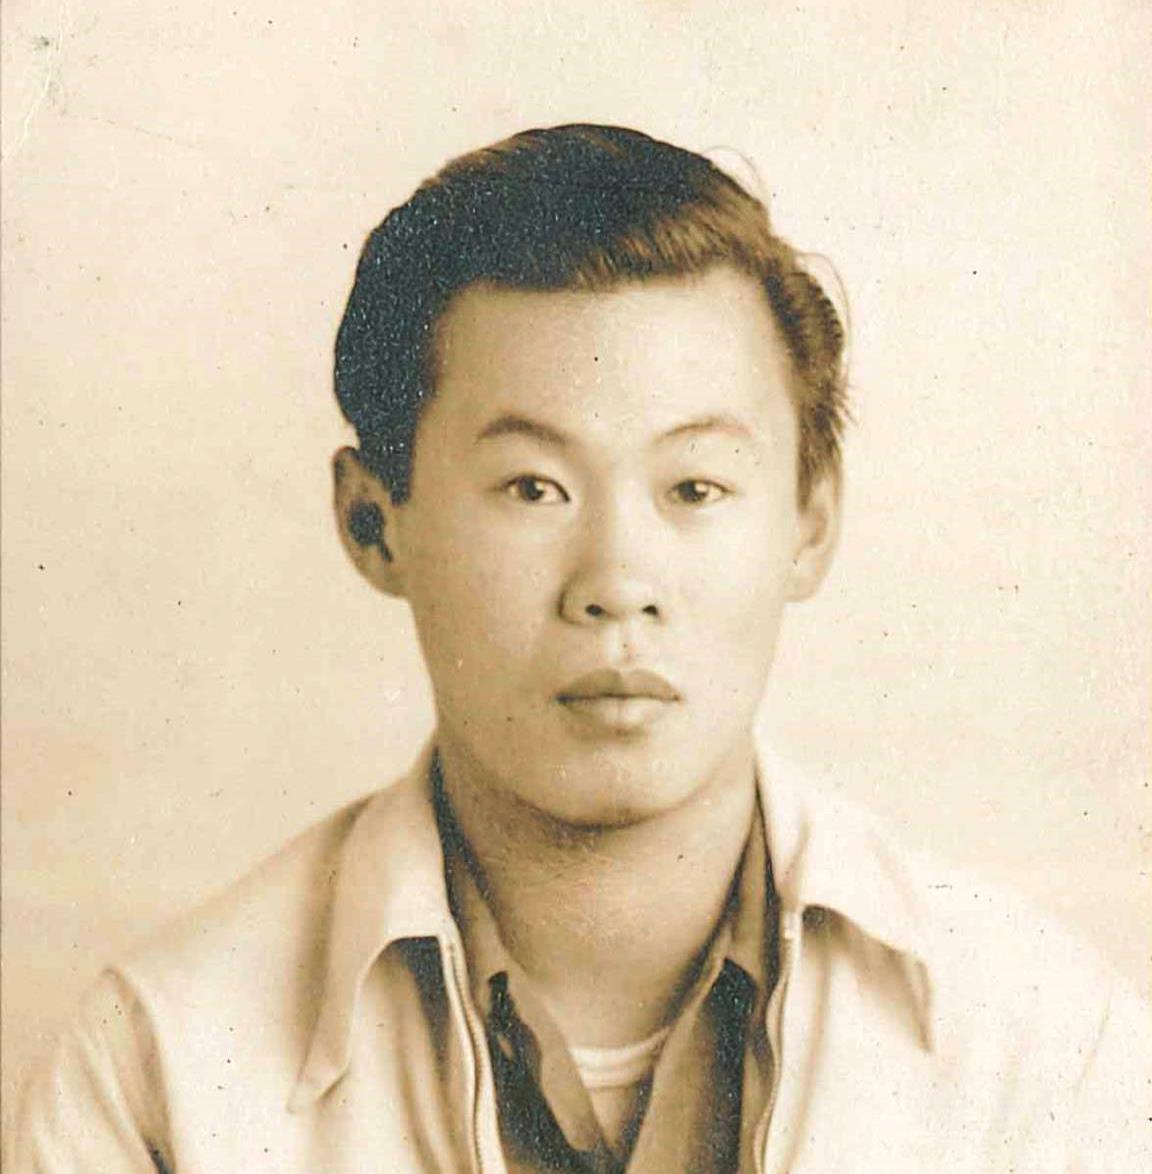 James Hong Chan